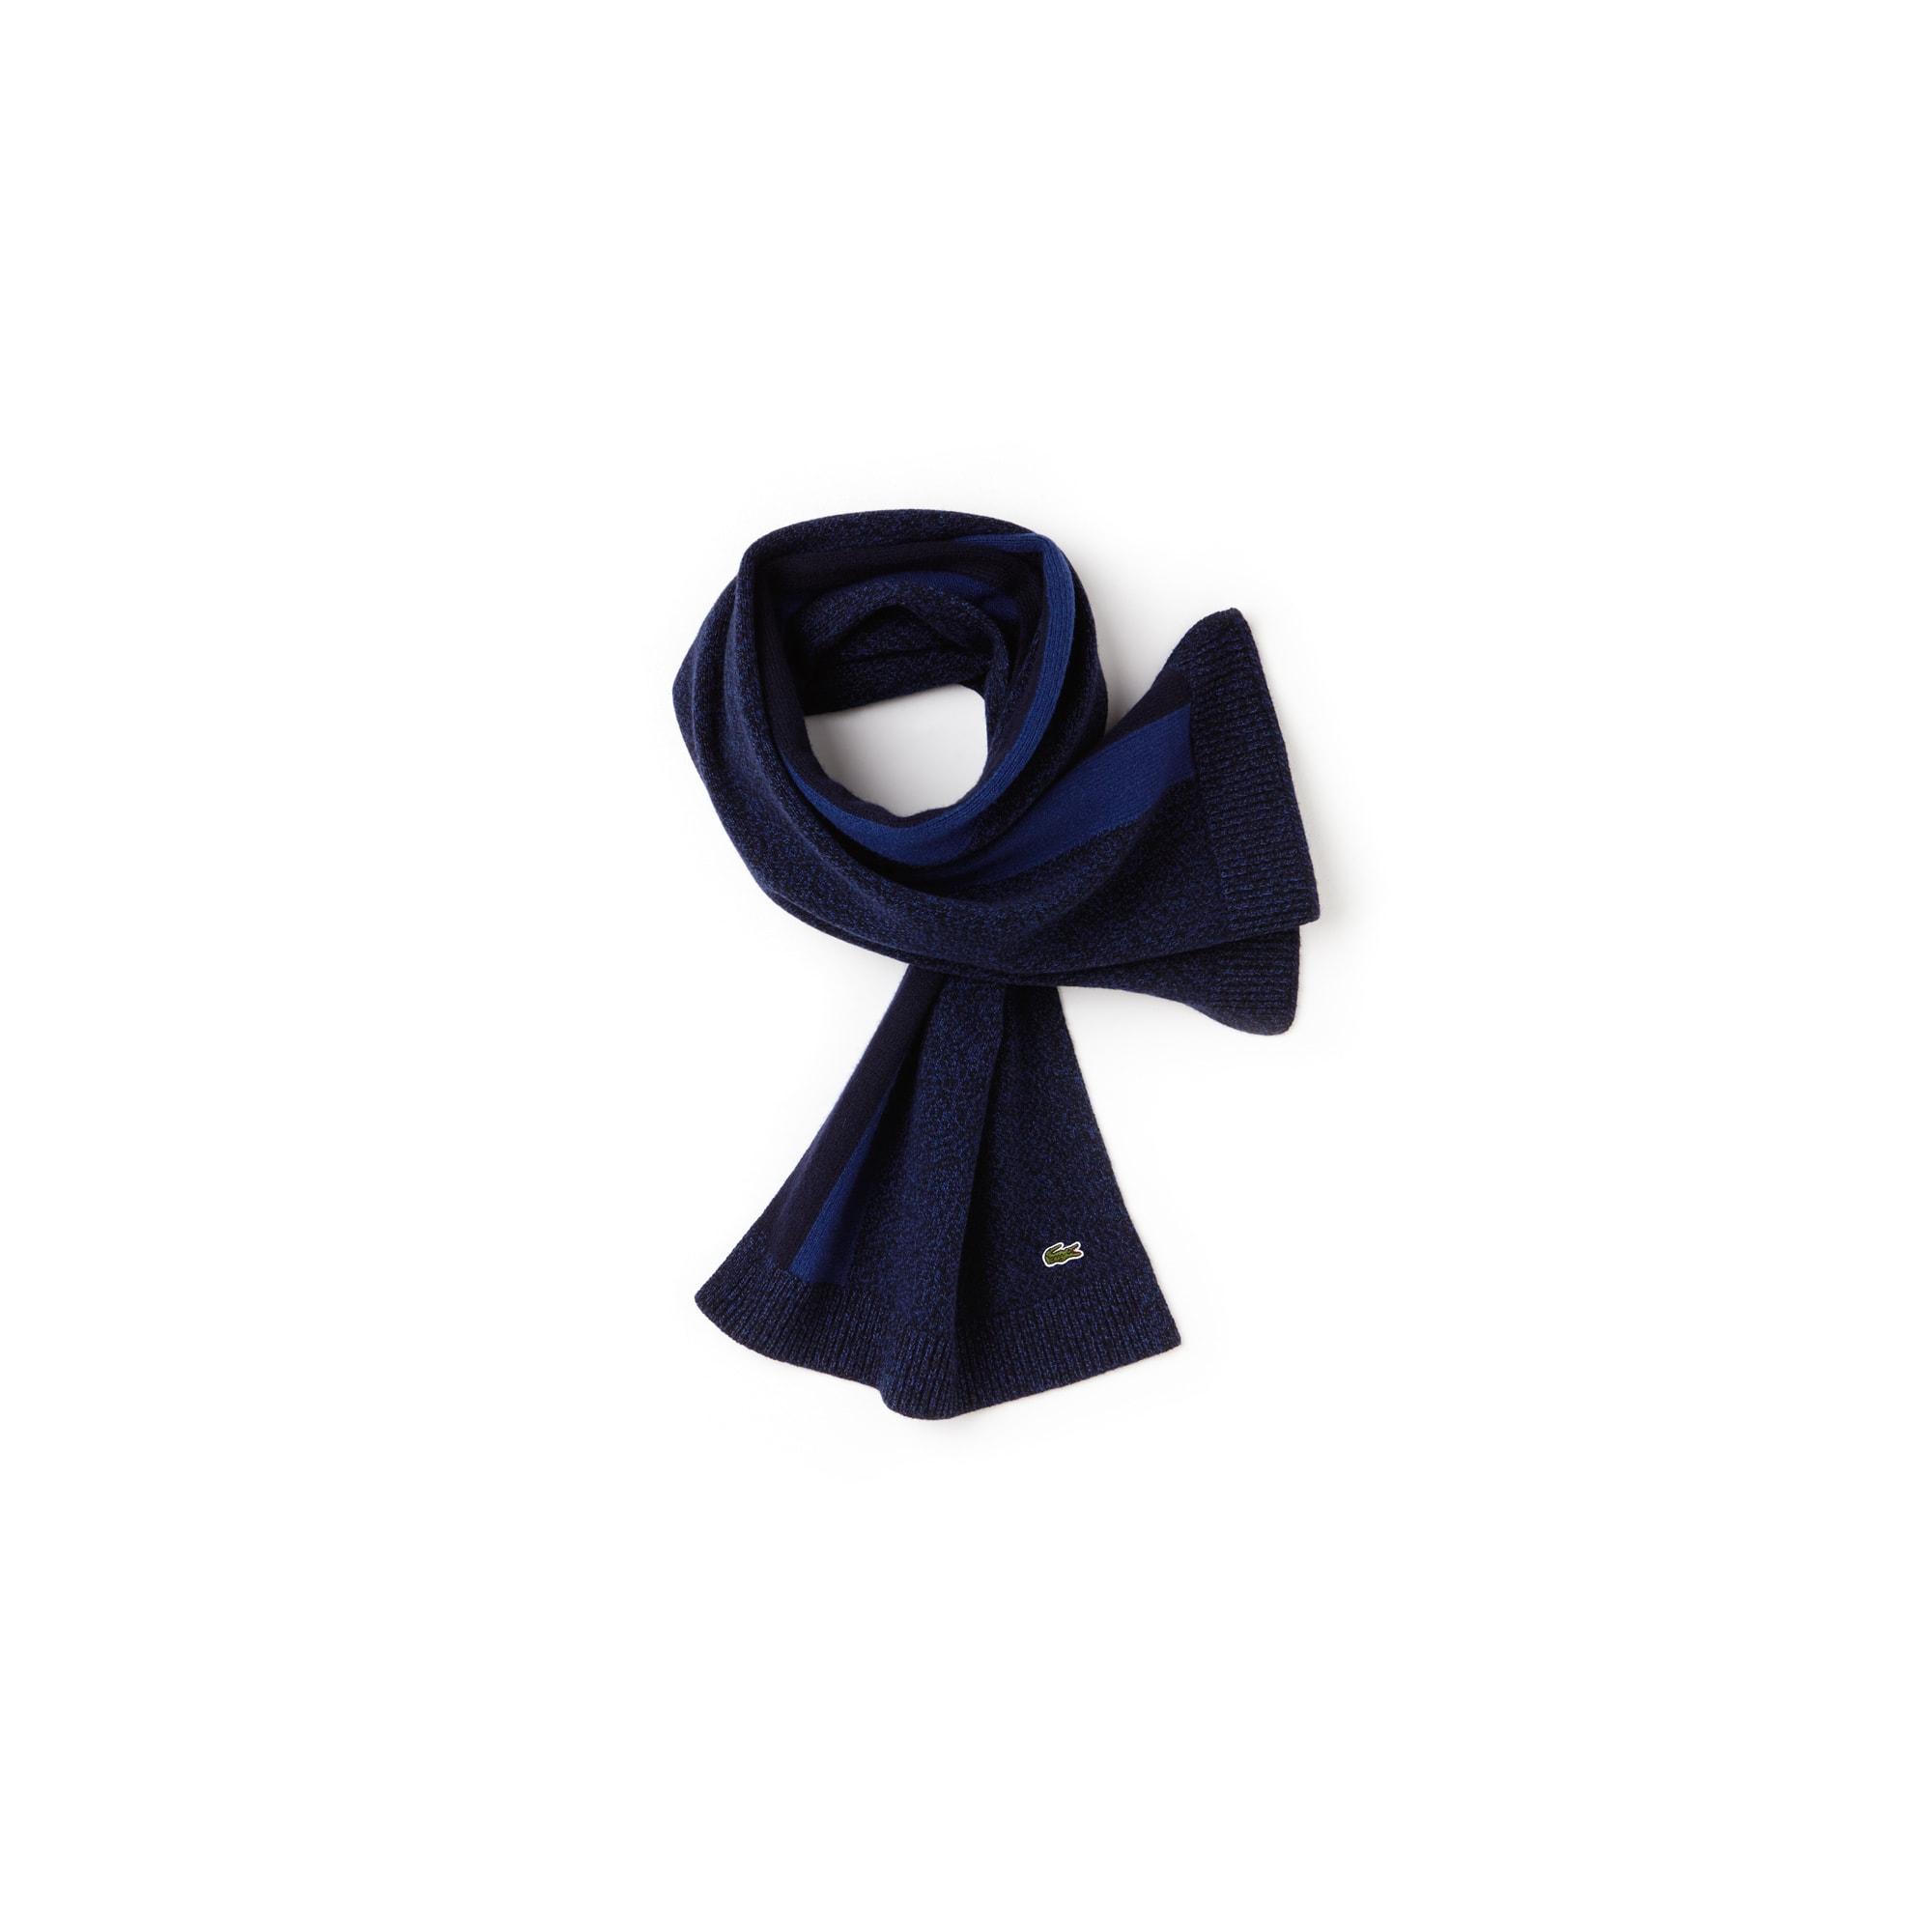 8ee56570a0 Echarpes & gants | Accessoires Homme | LACOSTE